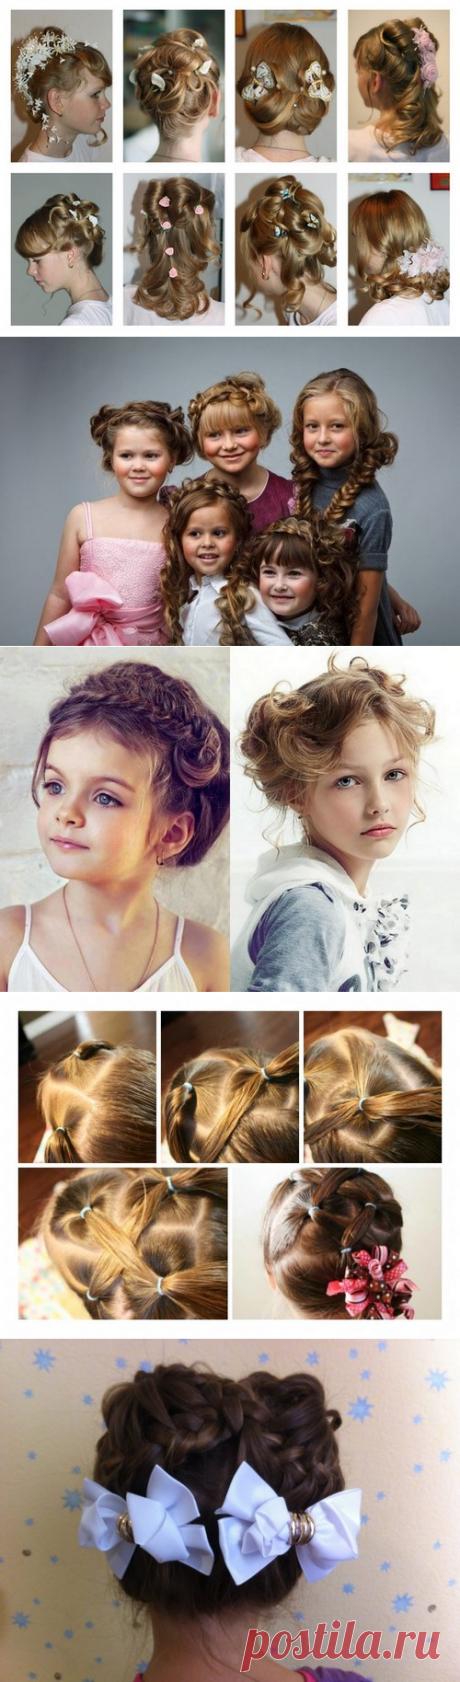 Красивые прически для девочек в школу разного возраста - фото, новинки, идеи прически на каждый день